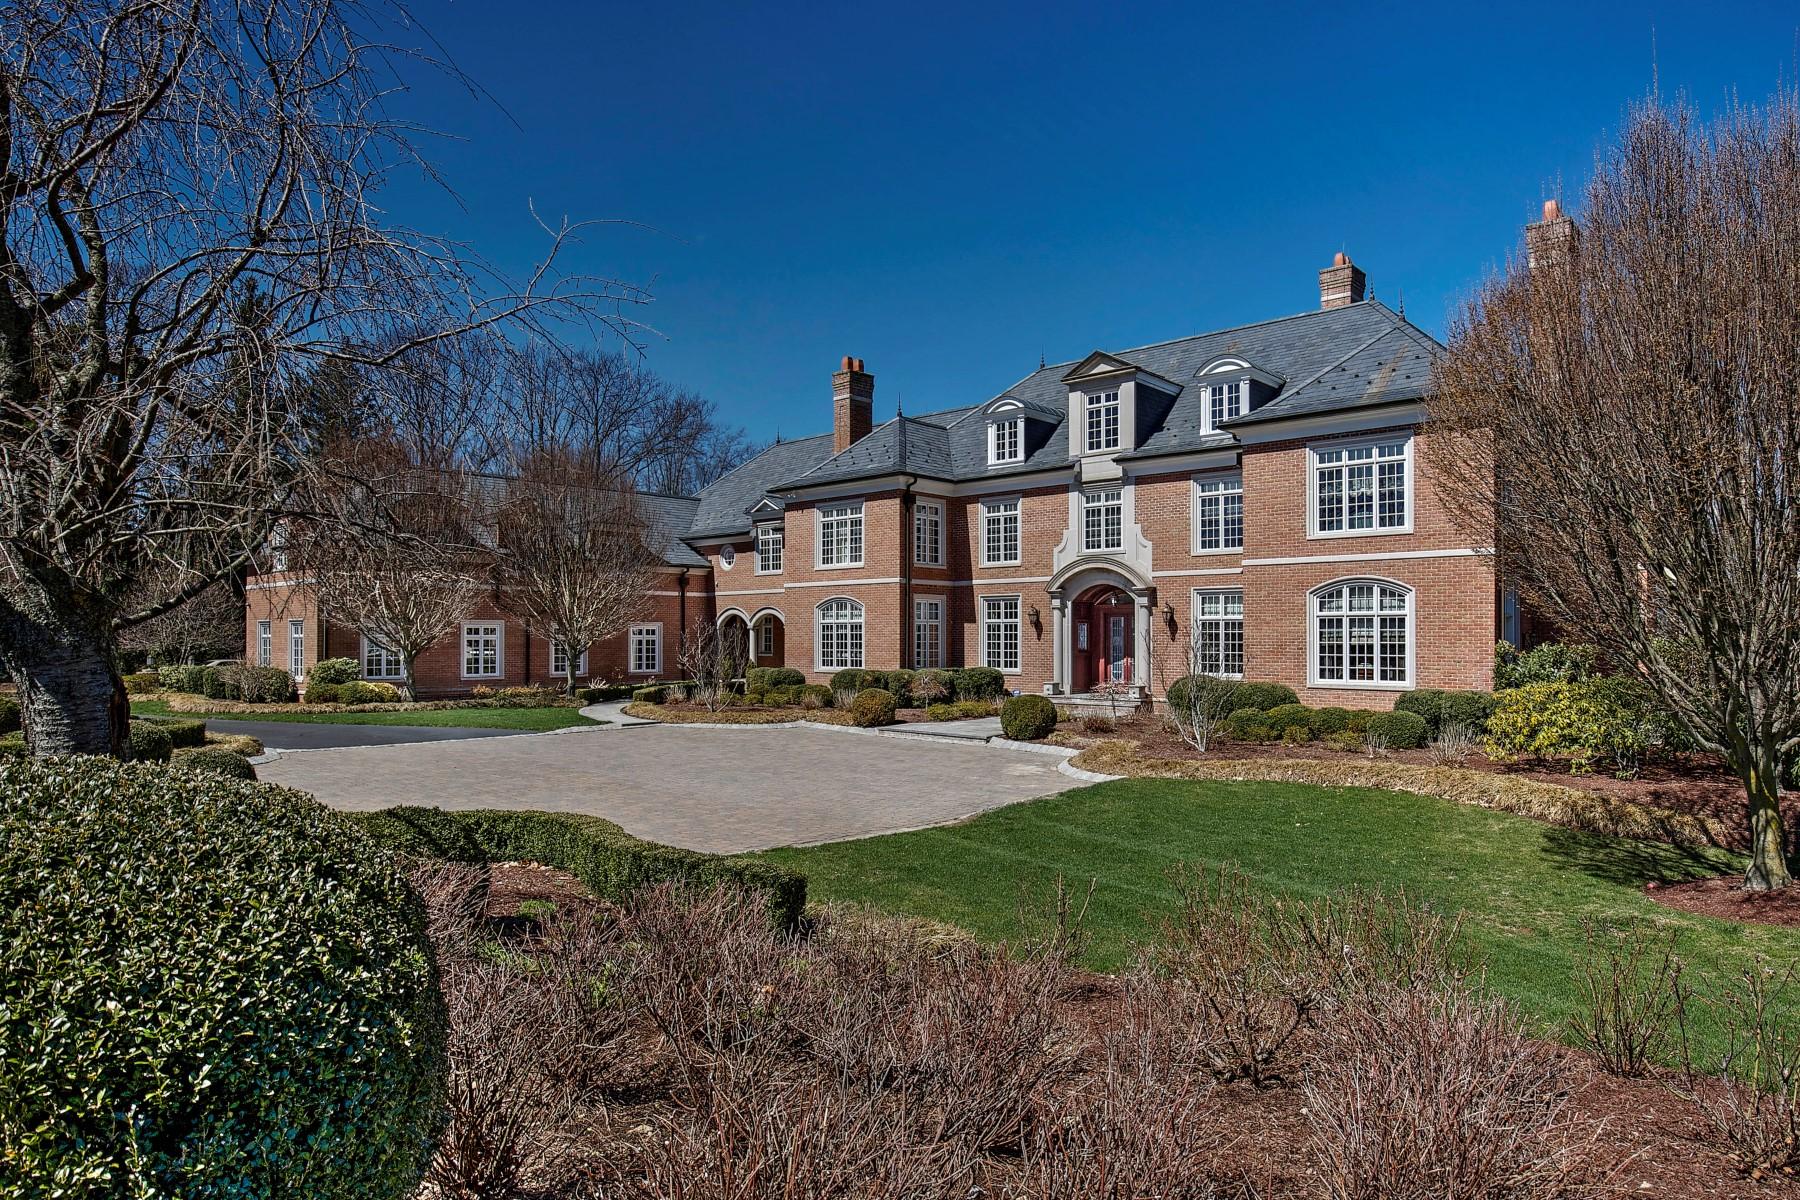 独户住宅 为 销售 在 Mountain Top Manor 141 Mountain Top Road 伯纳兹维尔, 新泽西州 07924 美国